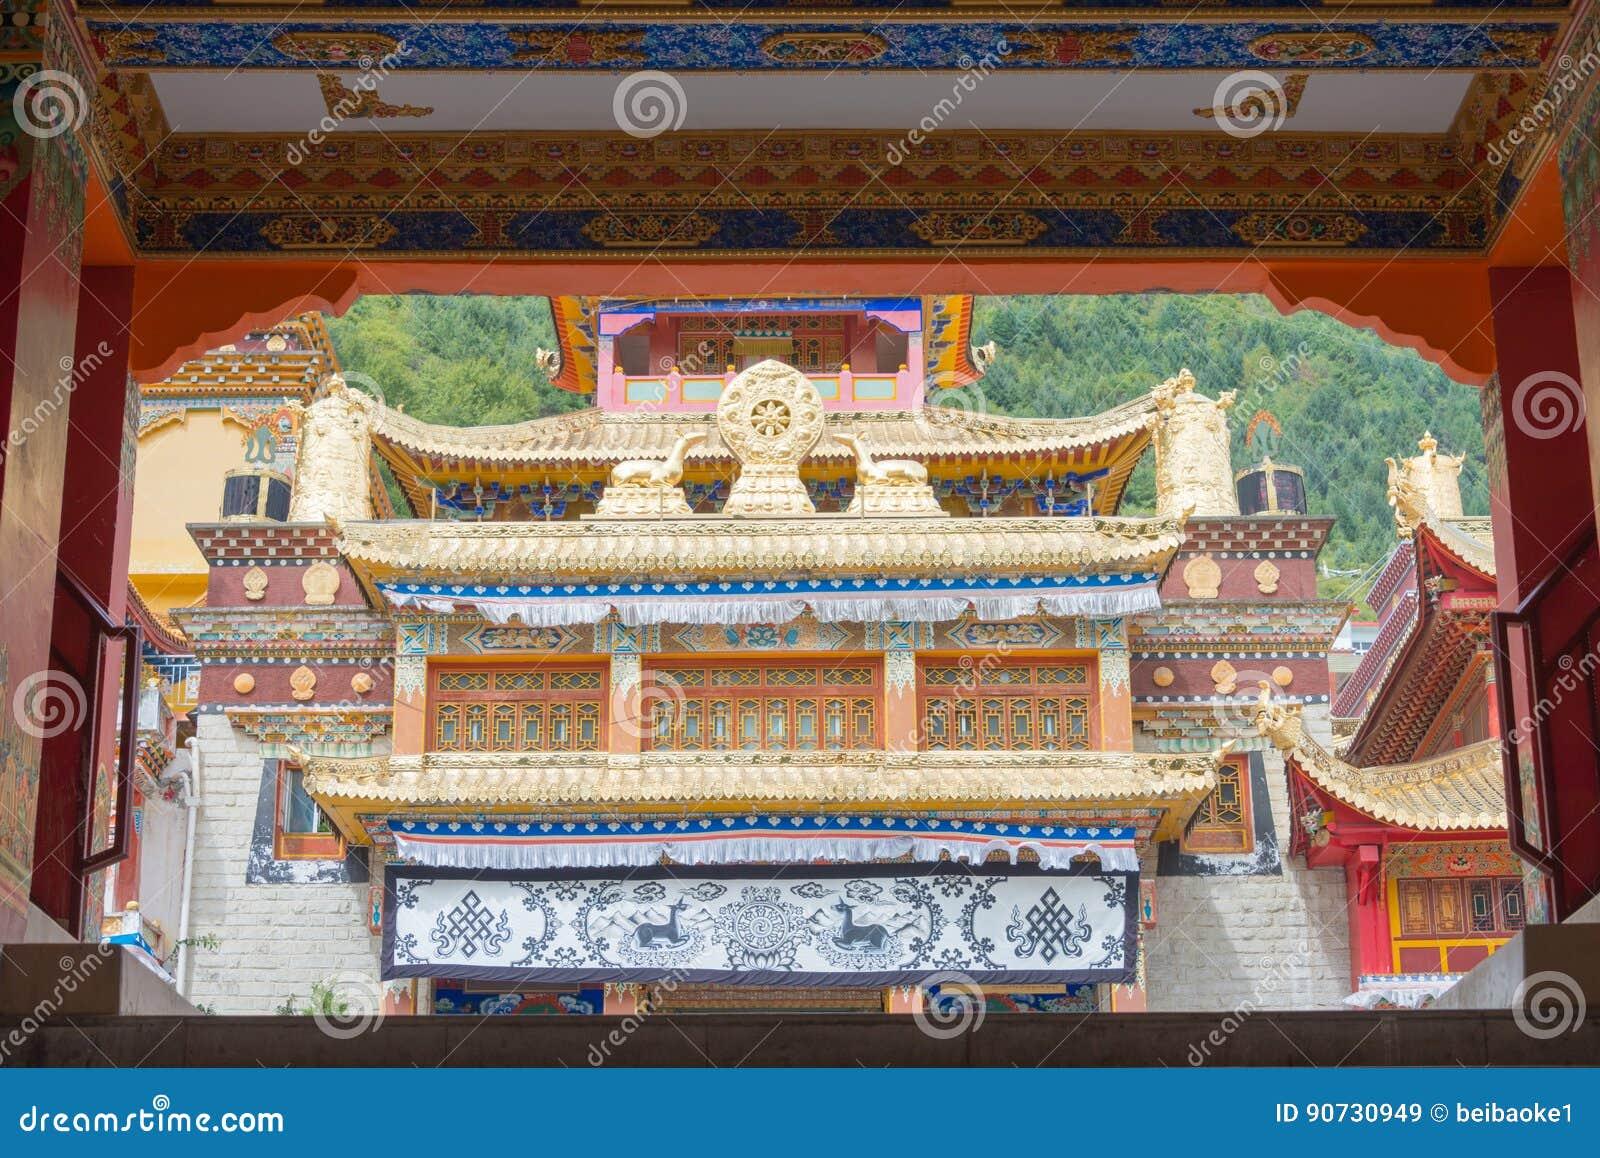 Porcellana, cinese, Asia, asiatico, orientale, orientale, famoso, viaggio, turismo, sospiro